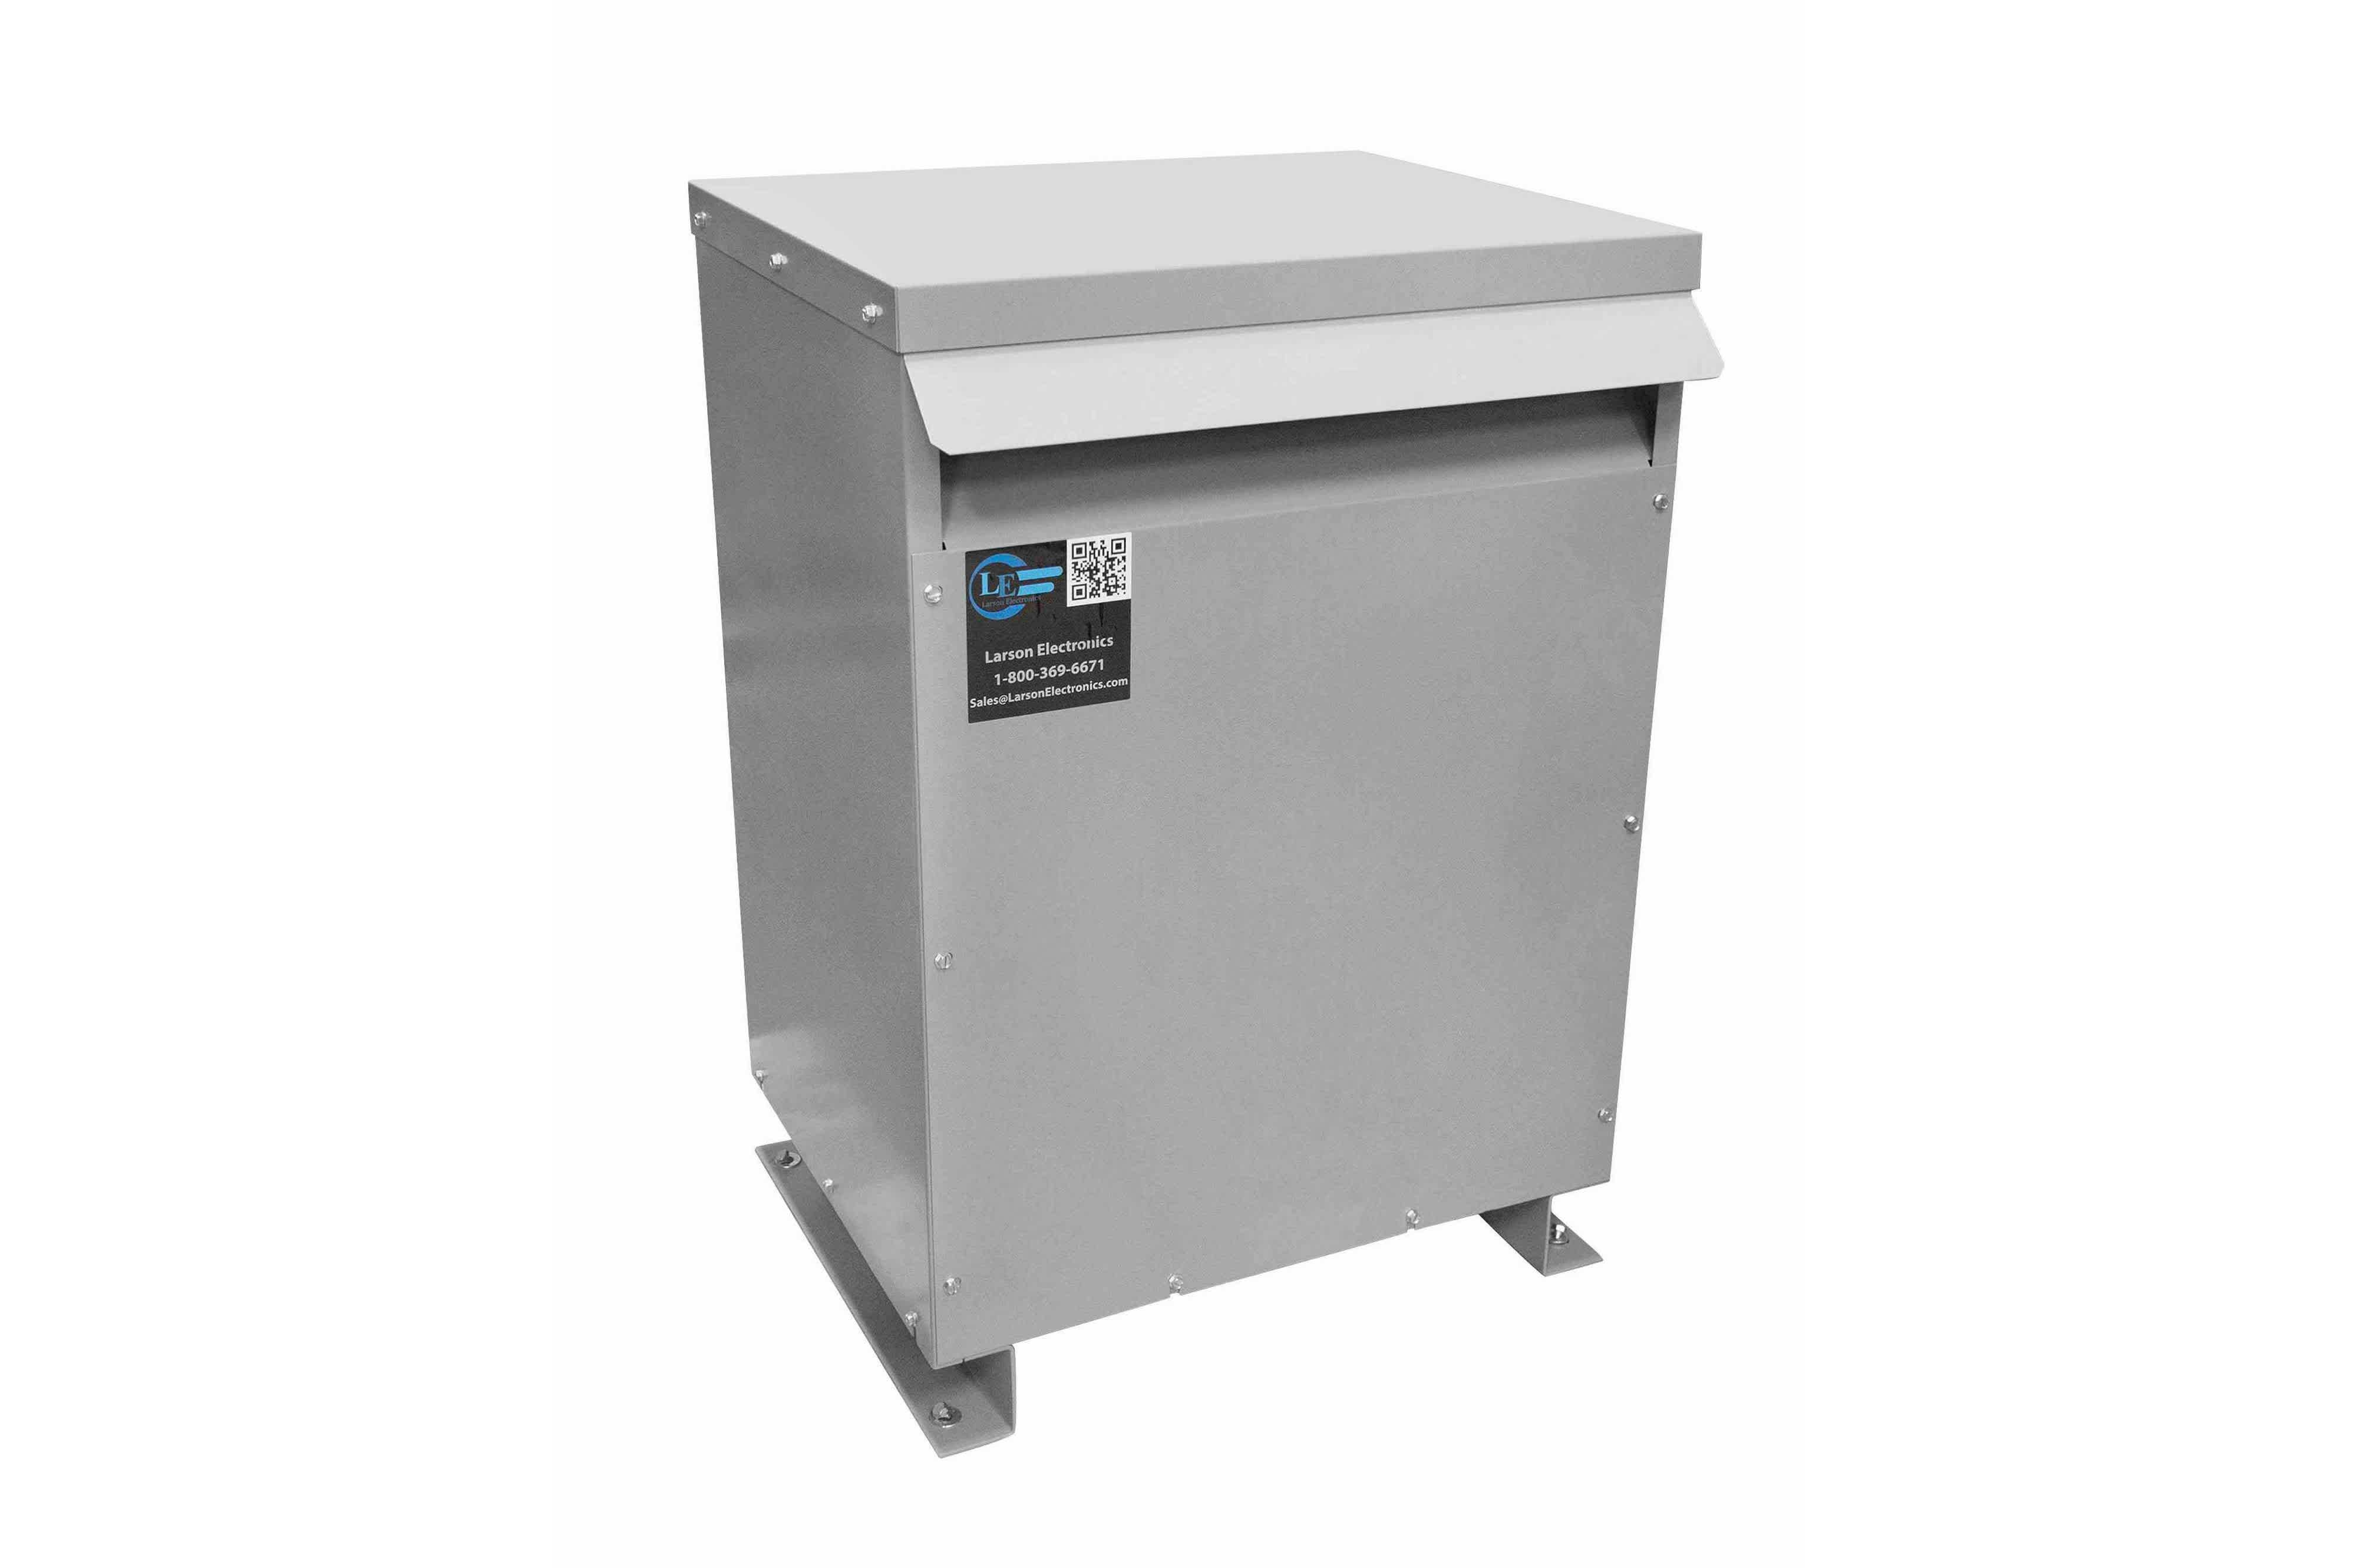 9 kVA 3PH DOE Transformer, 380V Delta Primary, 240V/120 Delta Secondary, N3R, Ventilated, 60 Hz